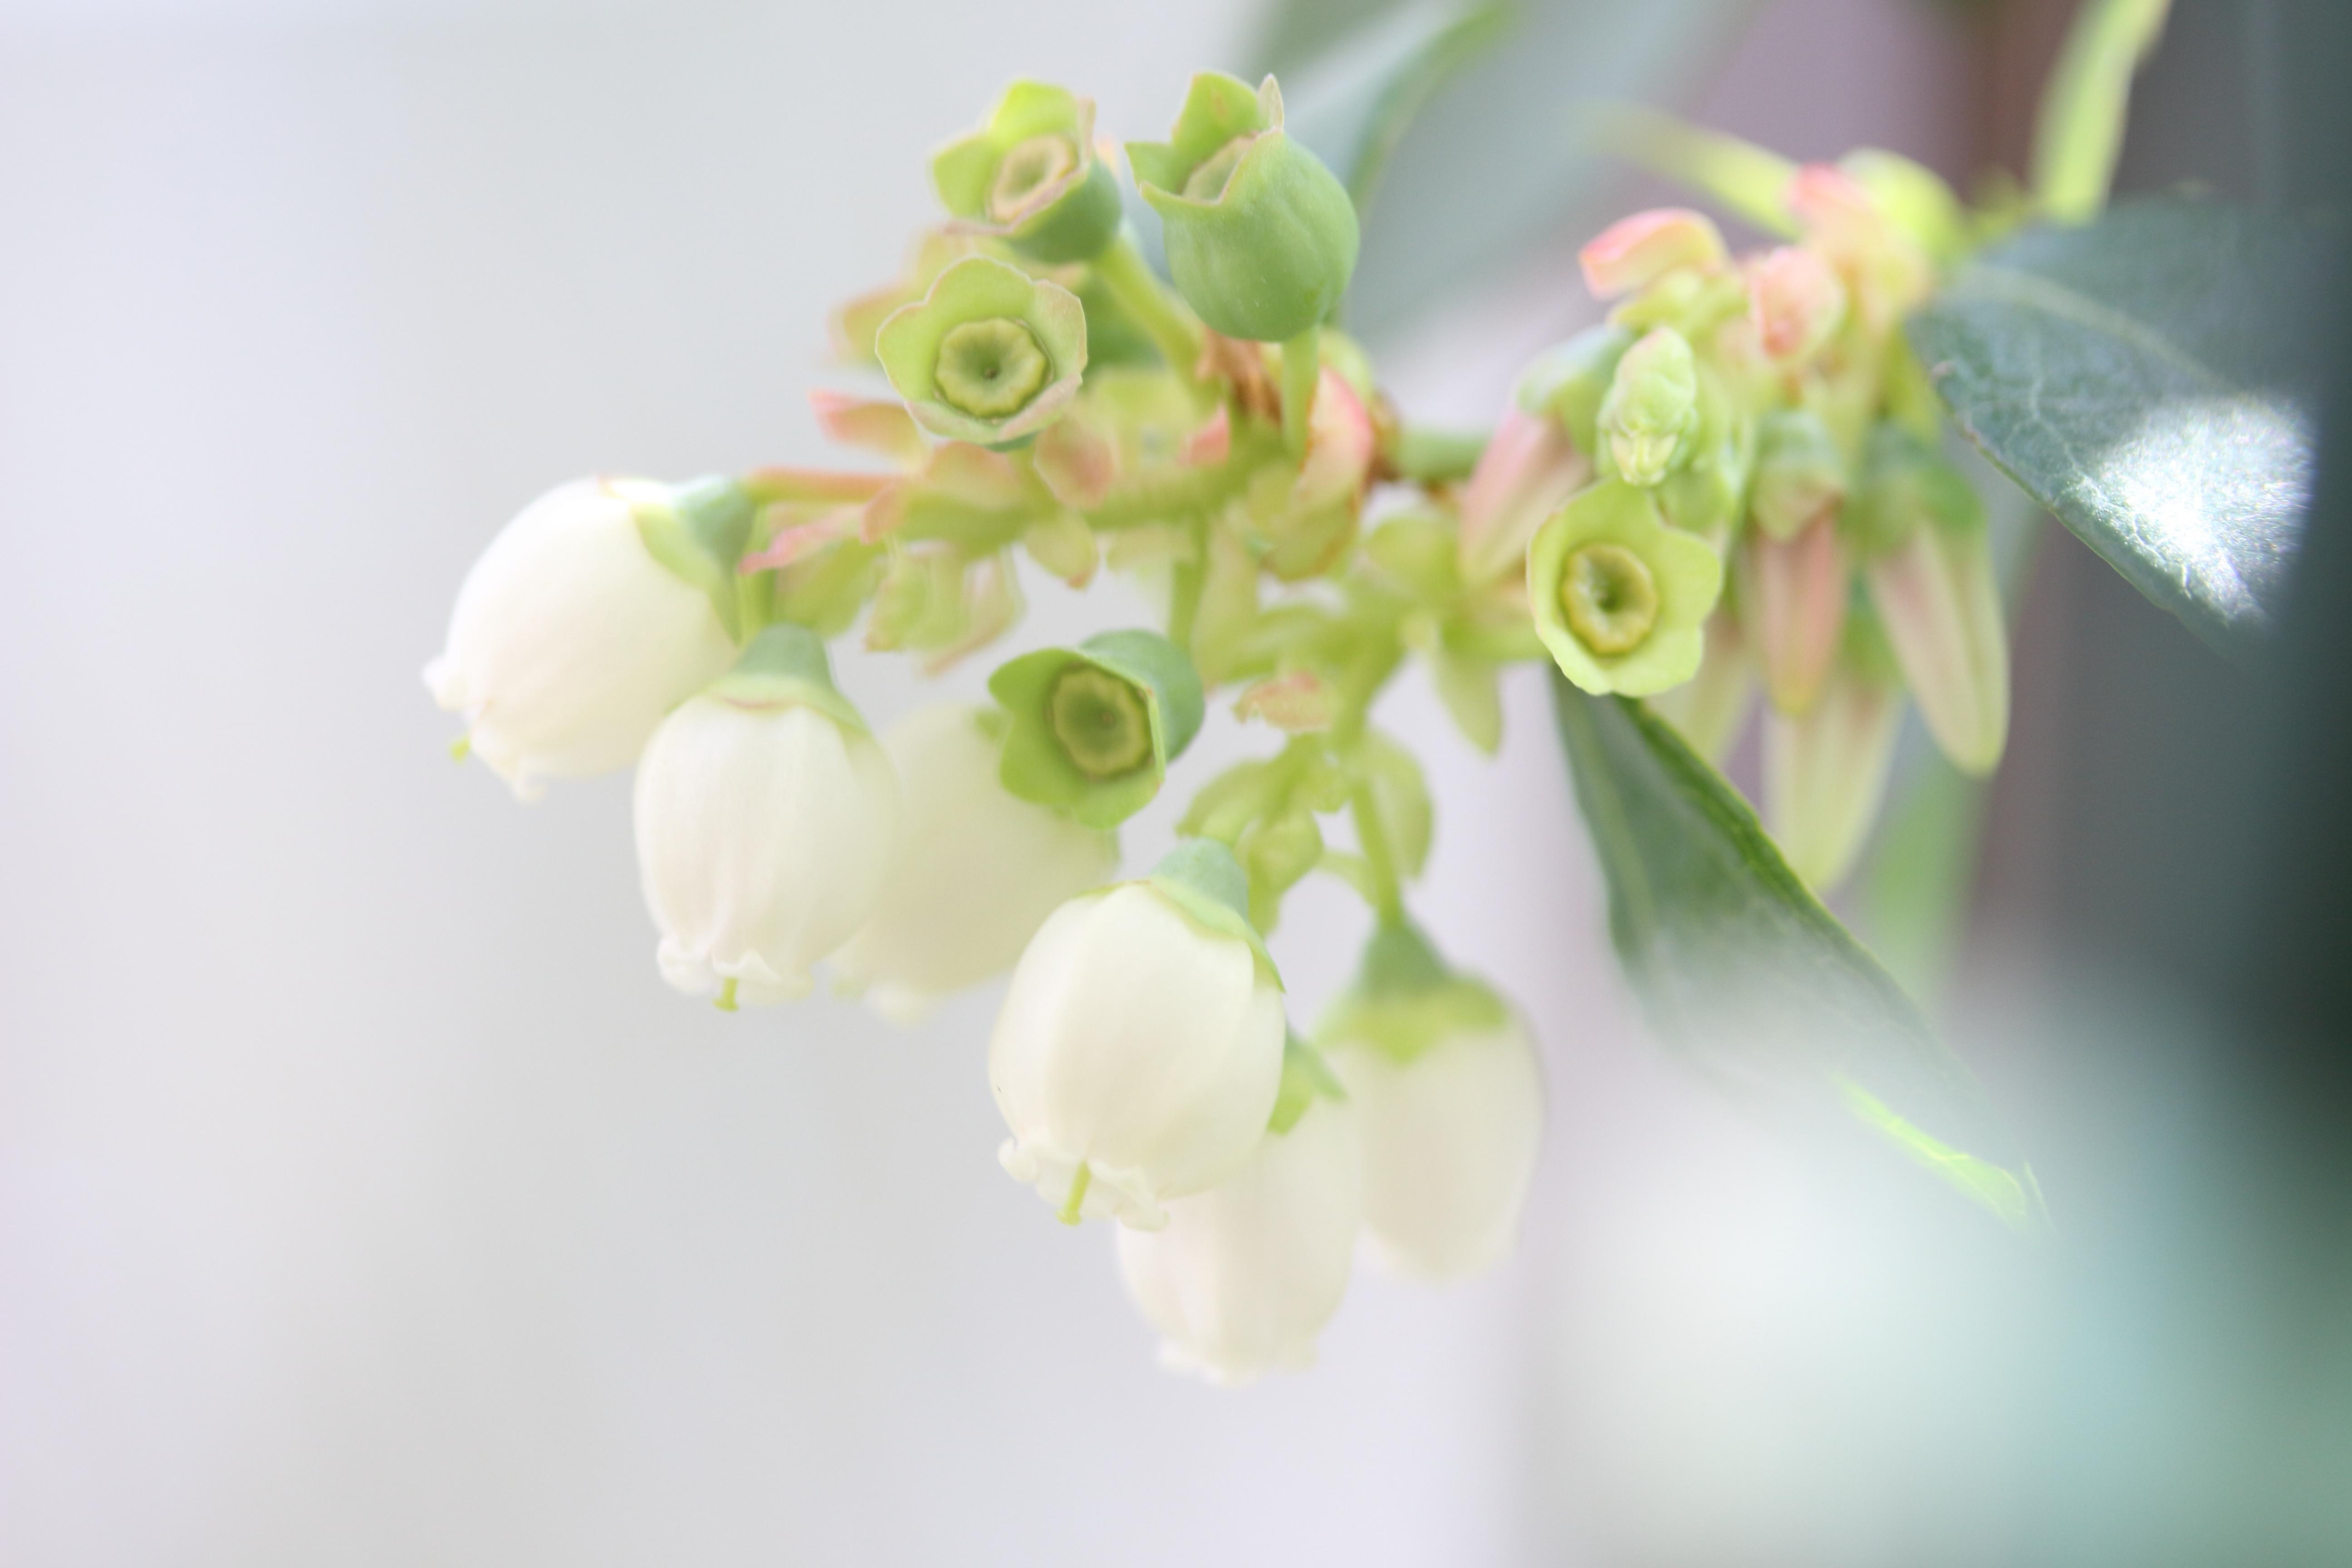 サファイア、クレイワー、ユーリカの開花状況